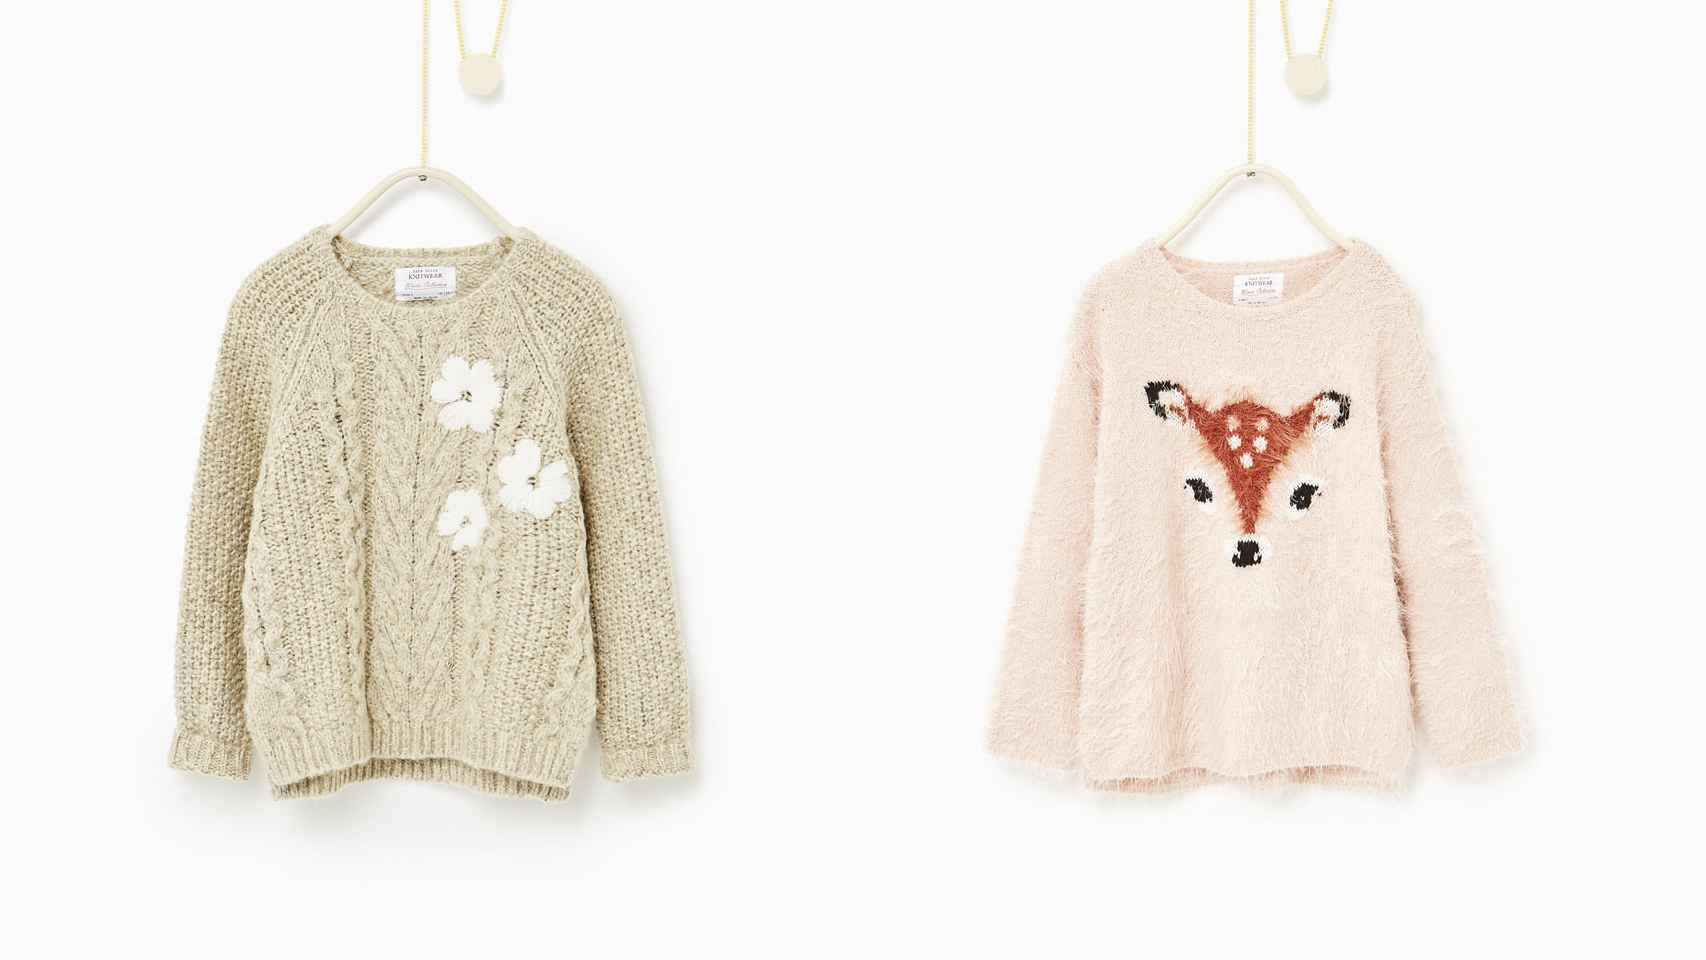 Jerseys de la marca Zara.